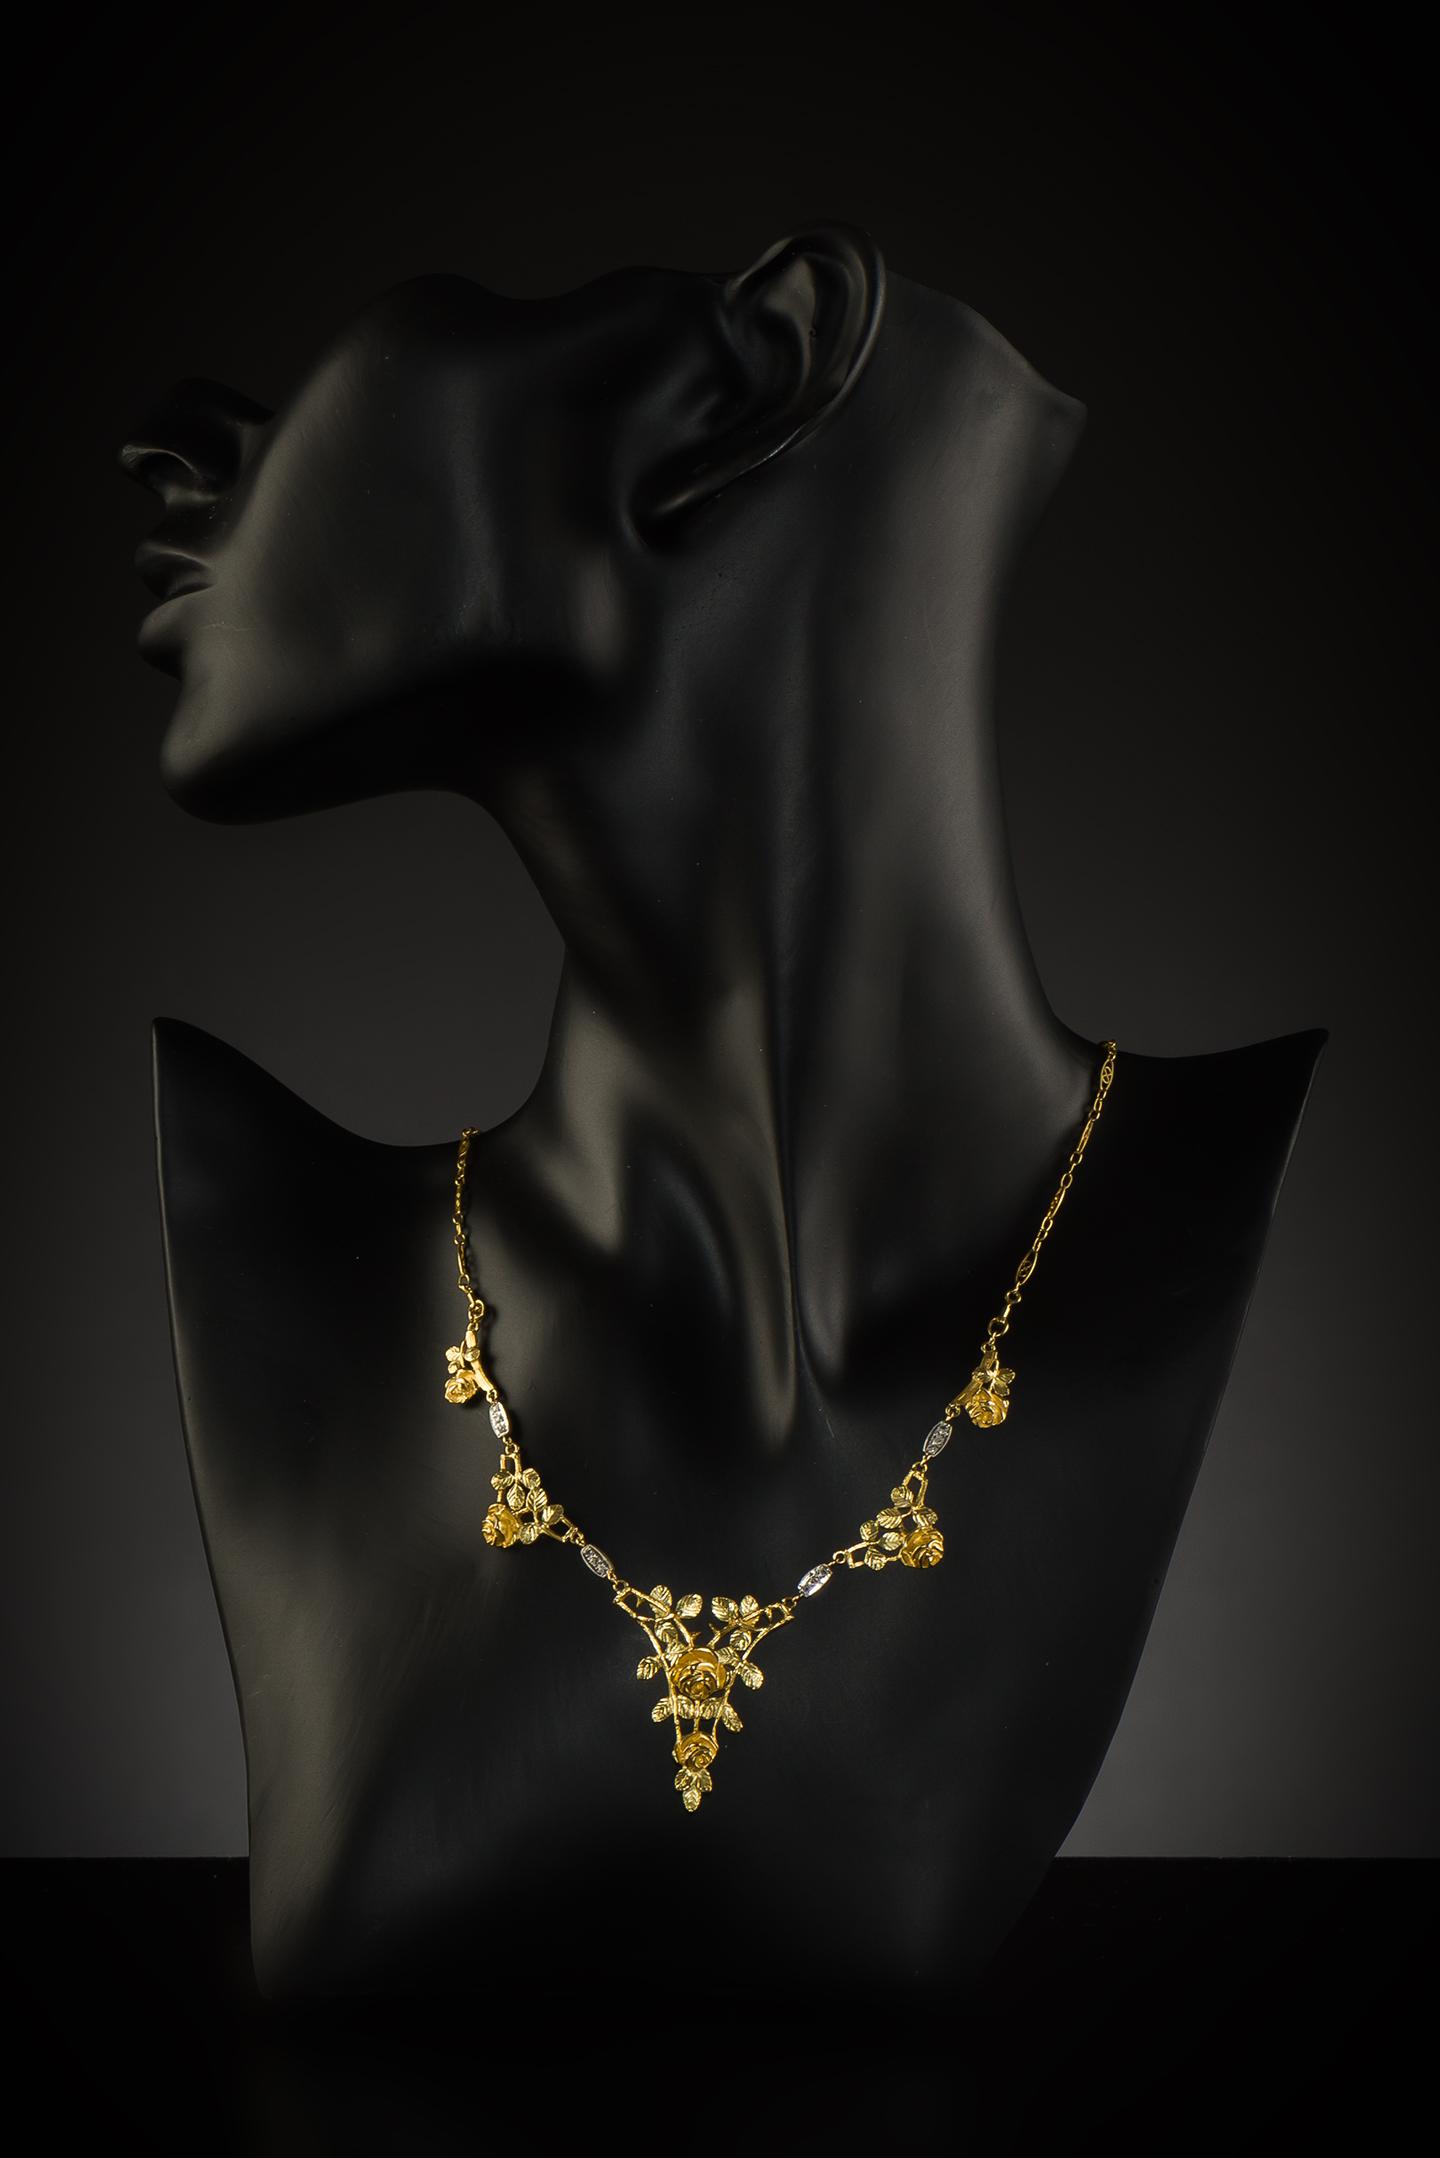 Collier Art nouveau diamants-2